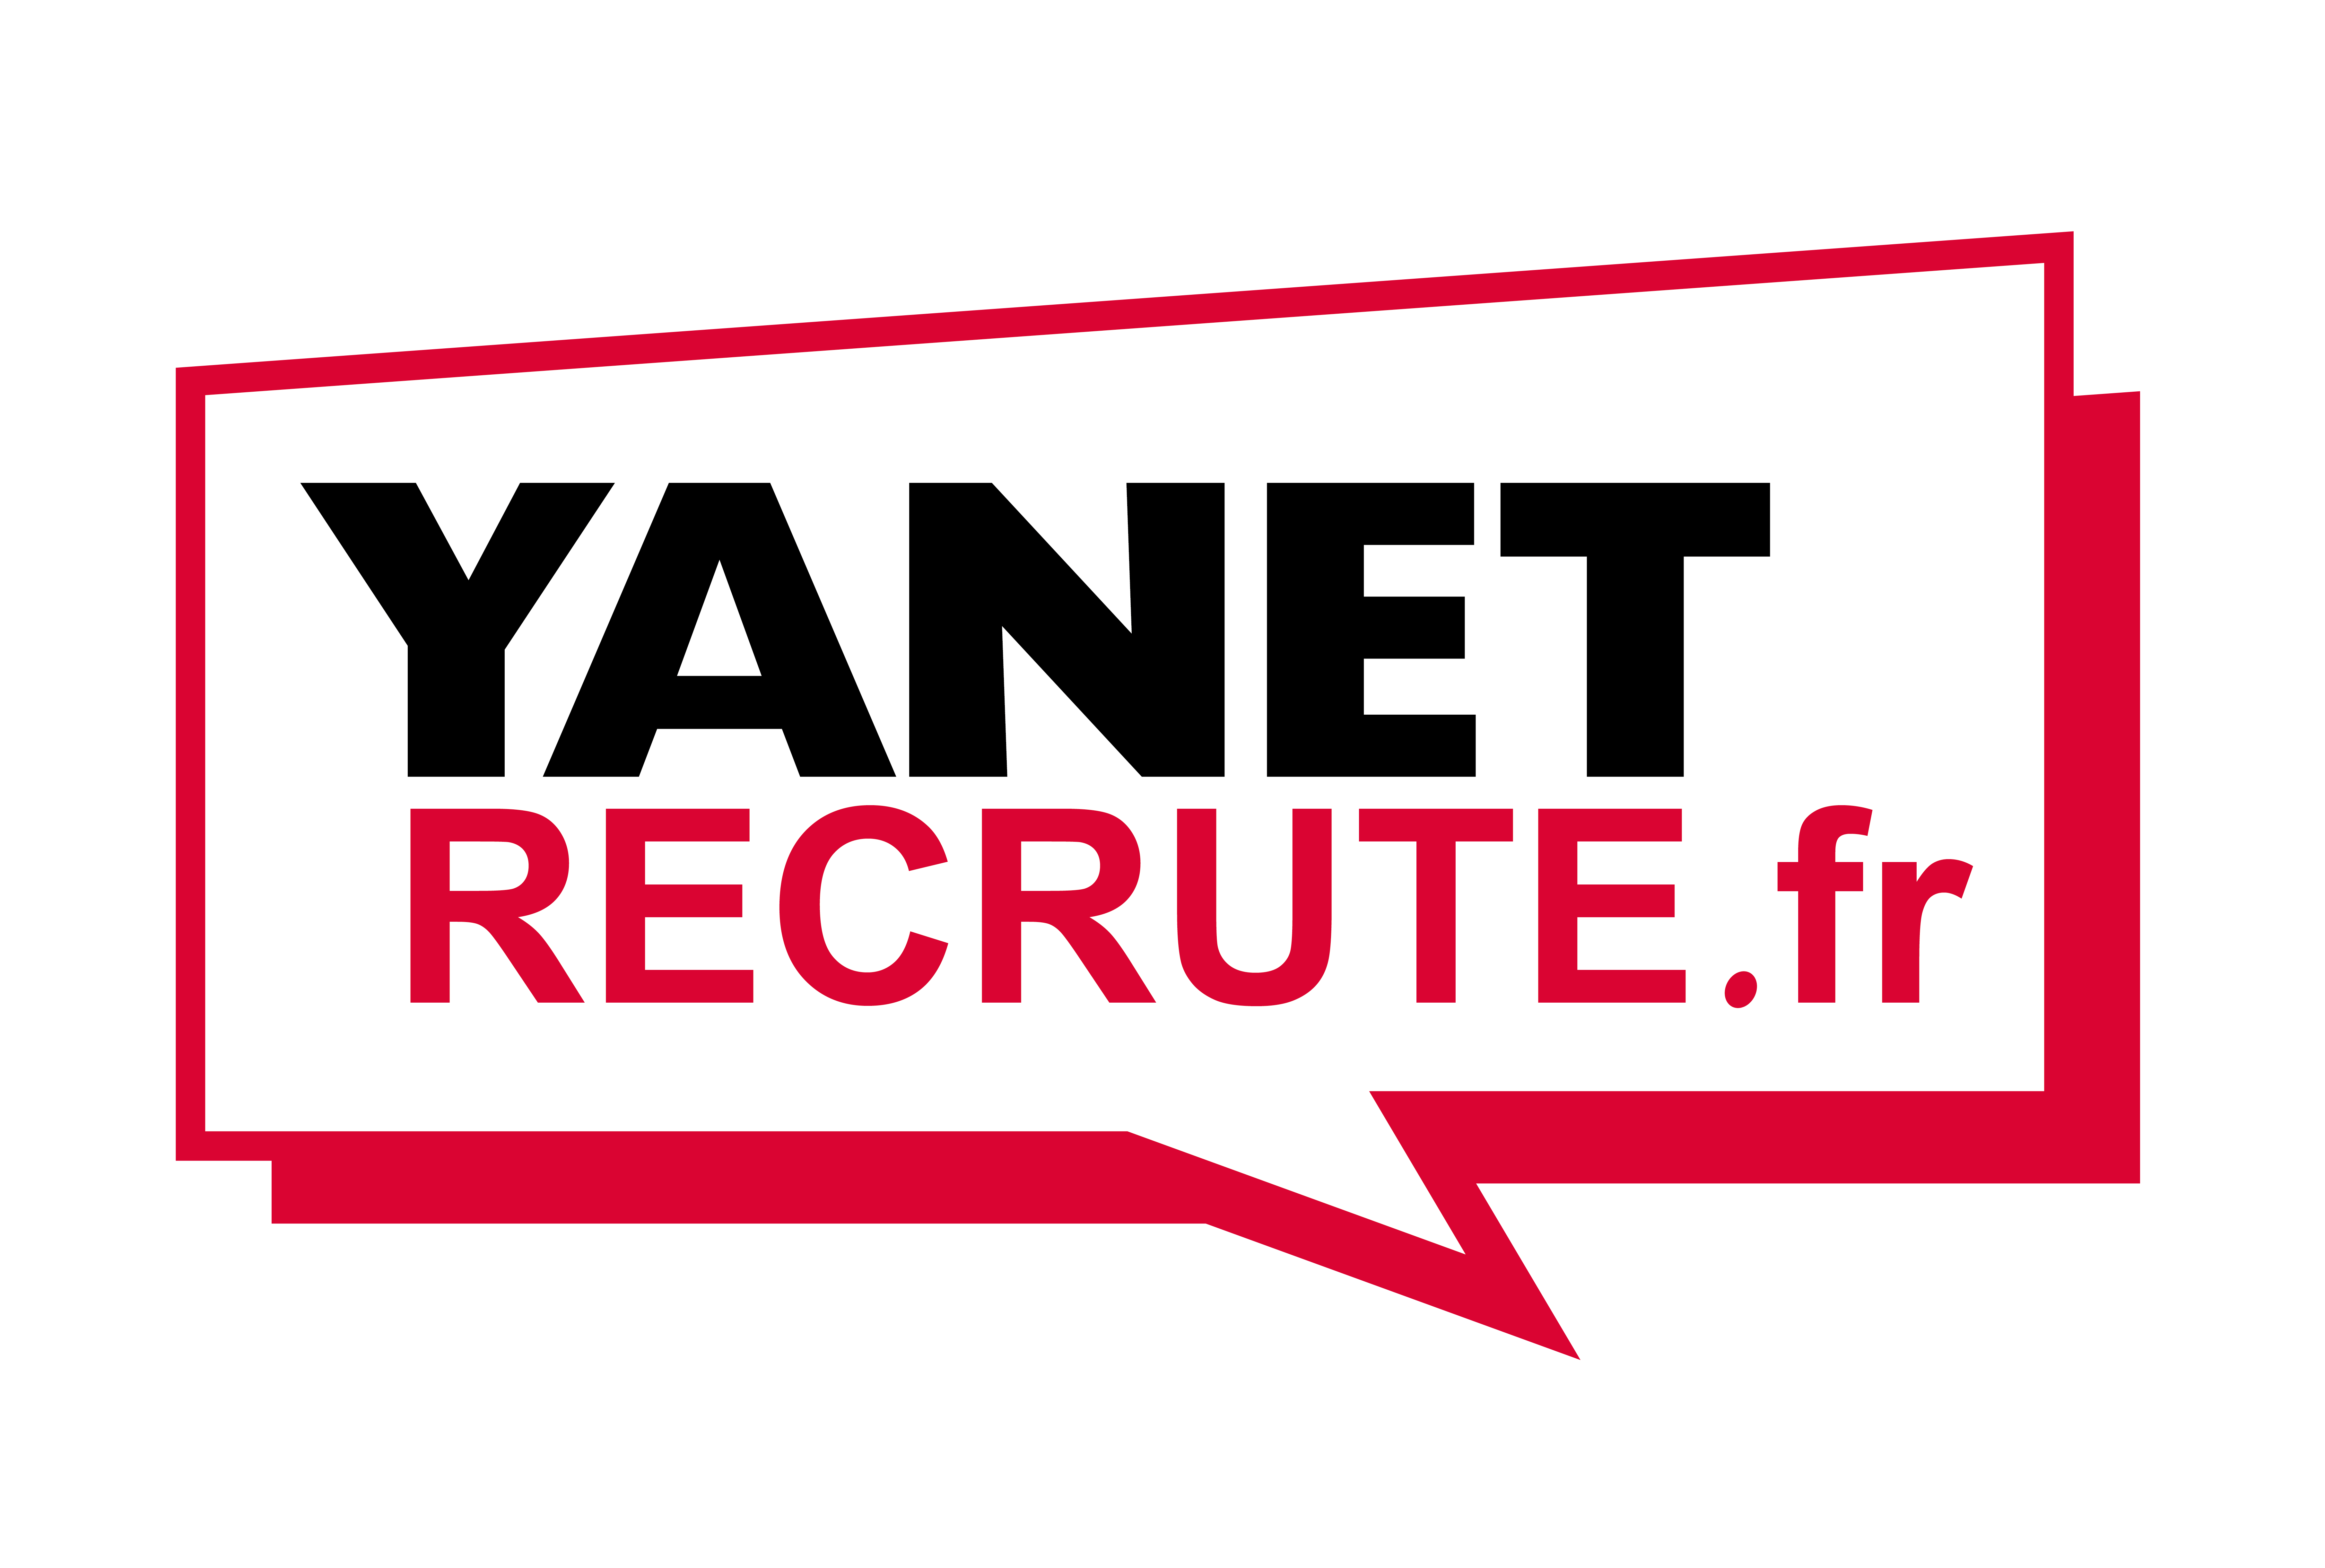 Yanet recrute